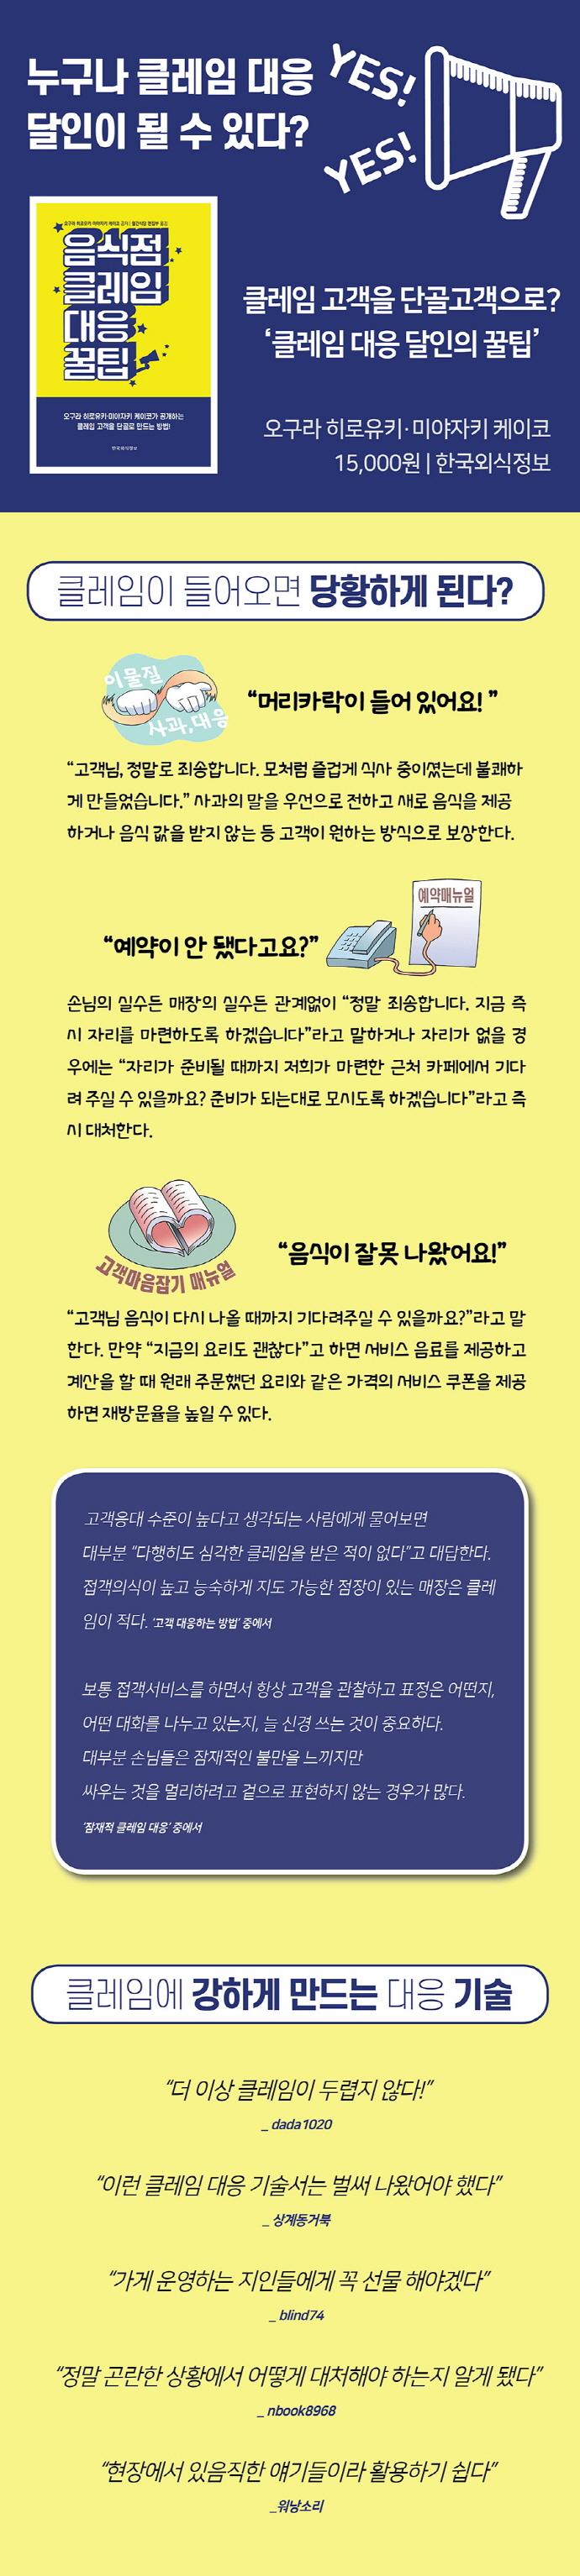 음식점 클레임 대응 꿀팁 도서 상세이미지